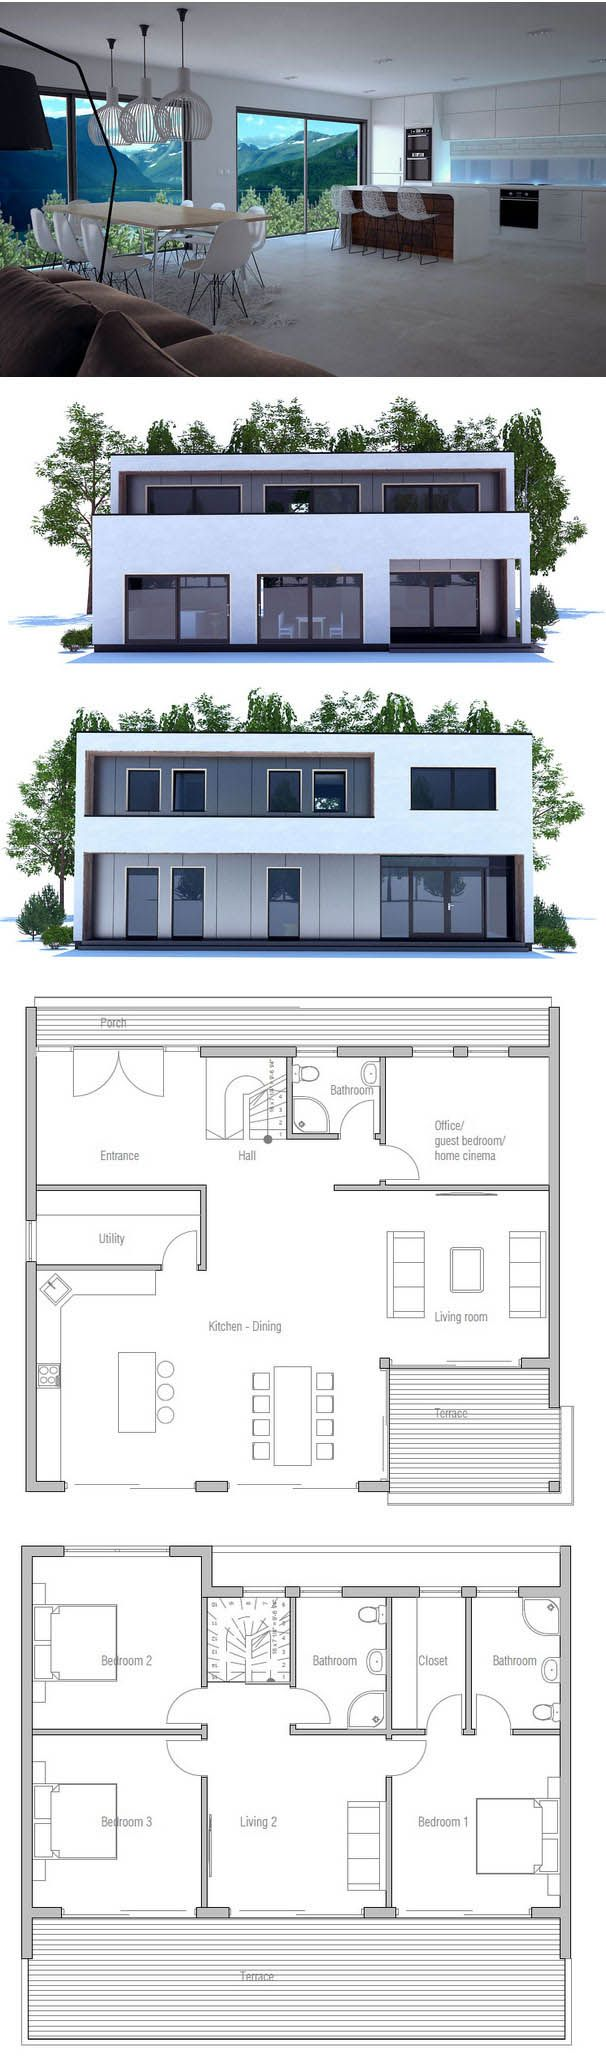 Architektur haus grundrisse traumhaus einrichtung moderne haus pläne kleine häuser techno minecraft balkone